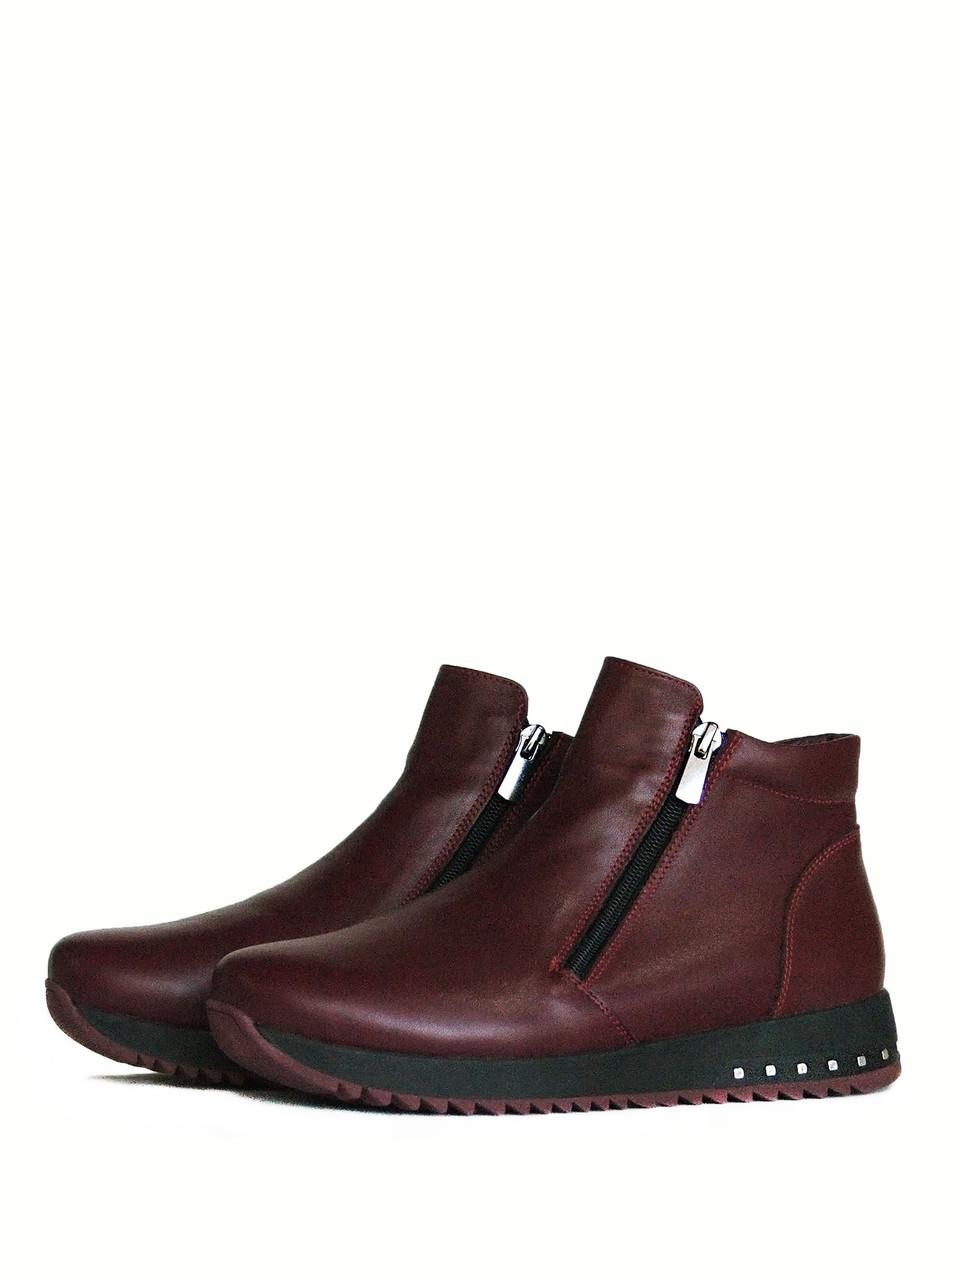 Стильные женские ботинки зима